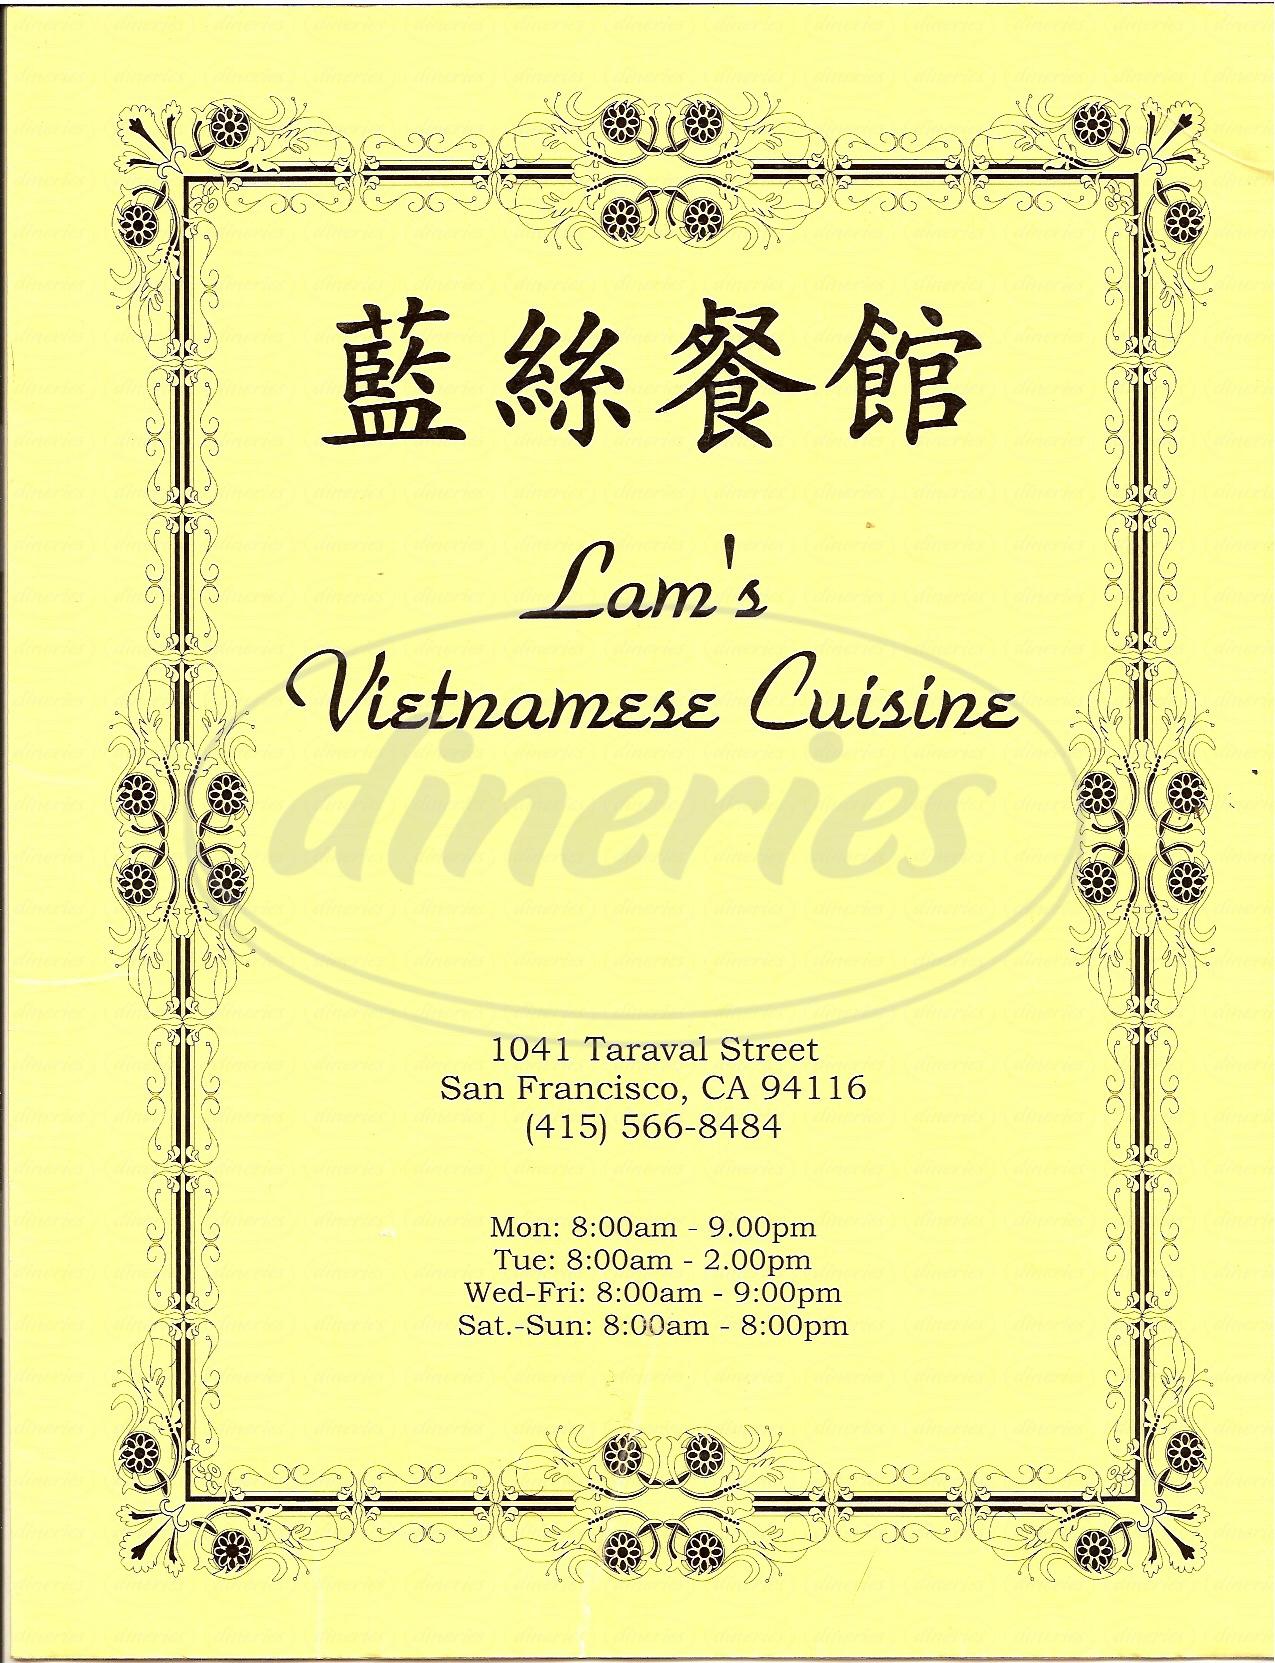 menu for Lams Vietnamese Cuisine